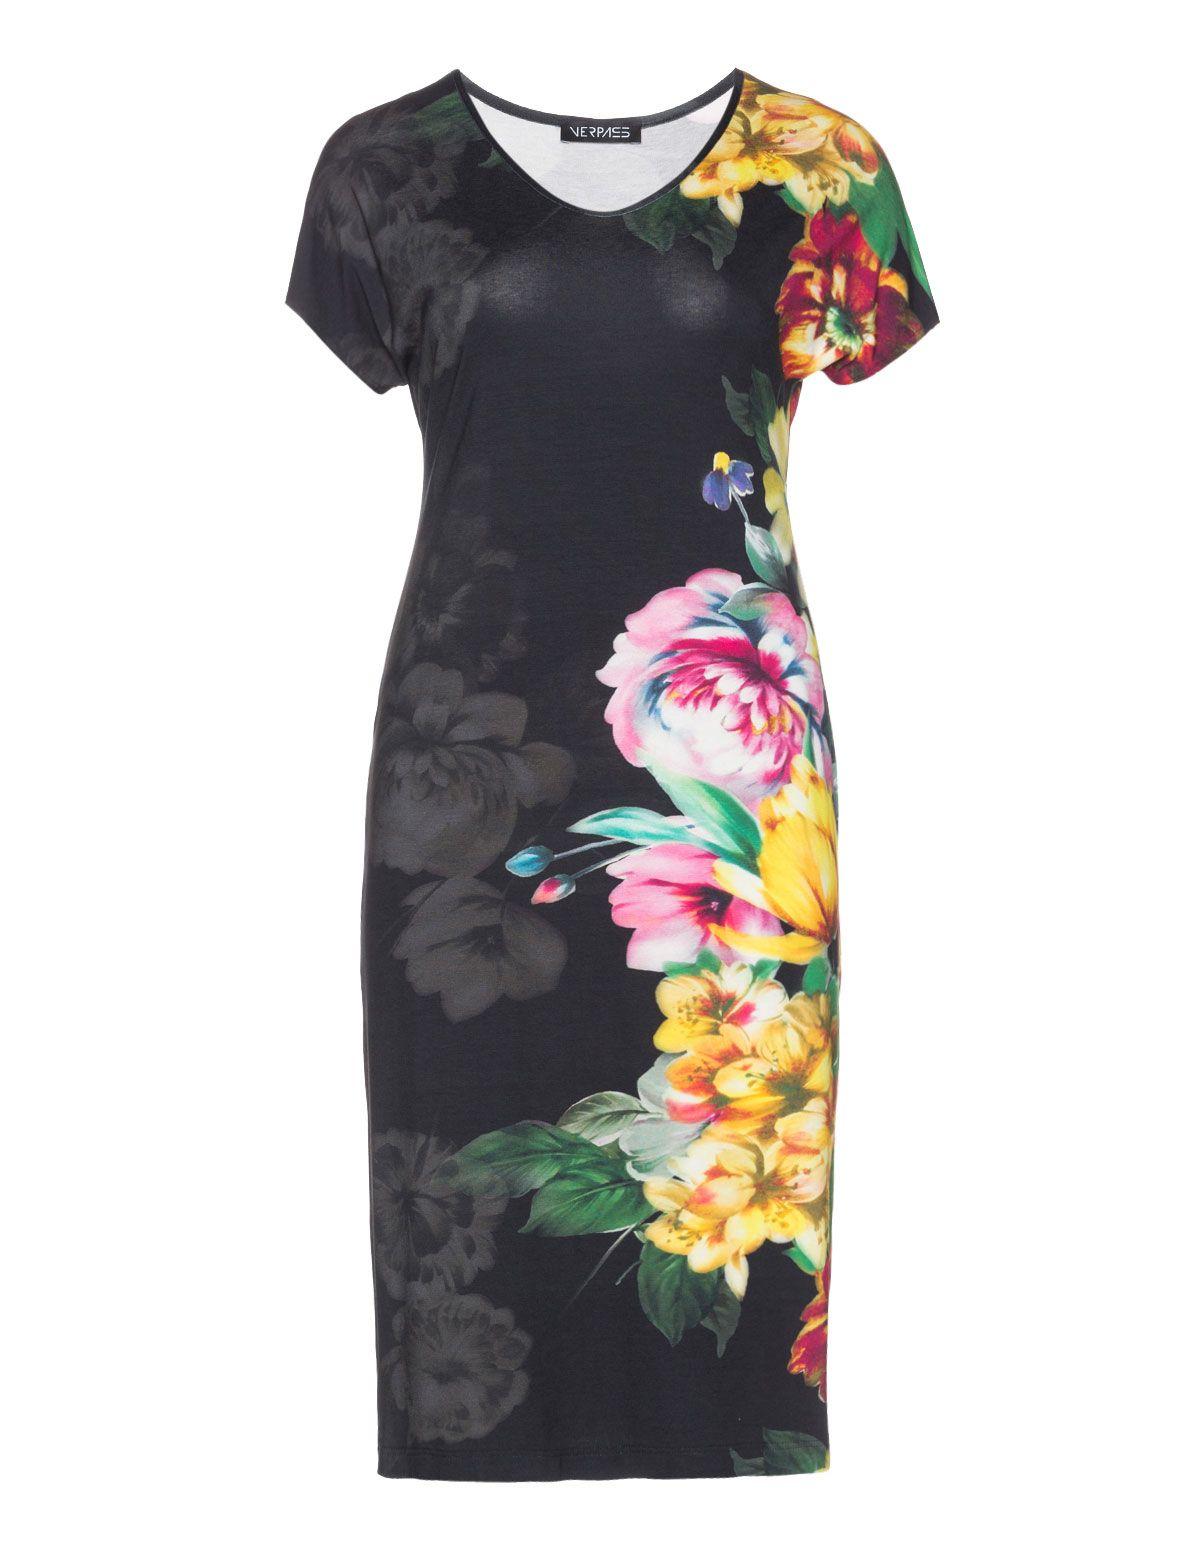 9e90f7ce02c4d2 Verpass Floral print jersey dress in Black / Yellow Jurken In Grote Maten,  Mode Jurken